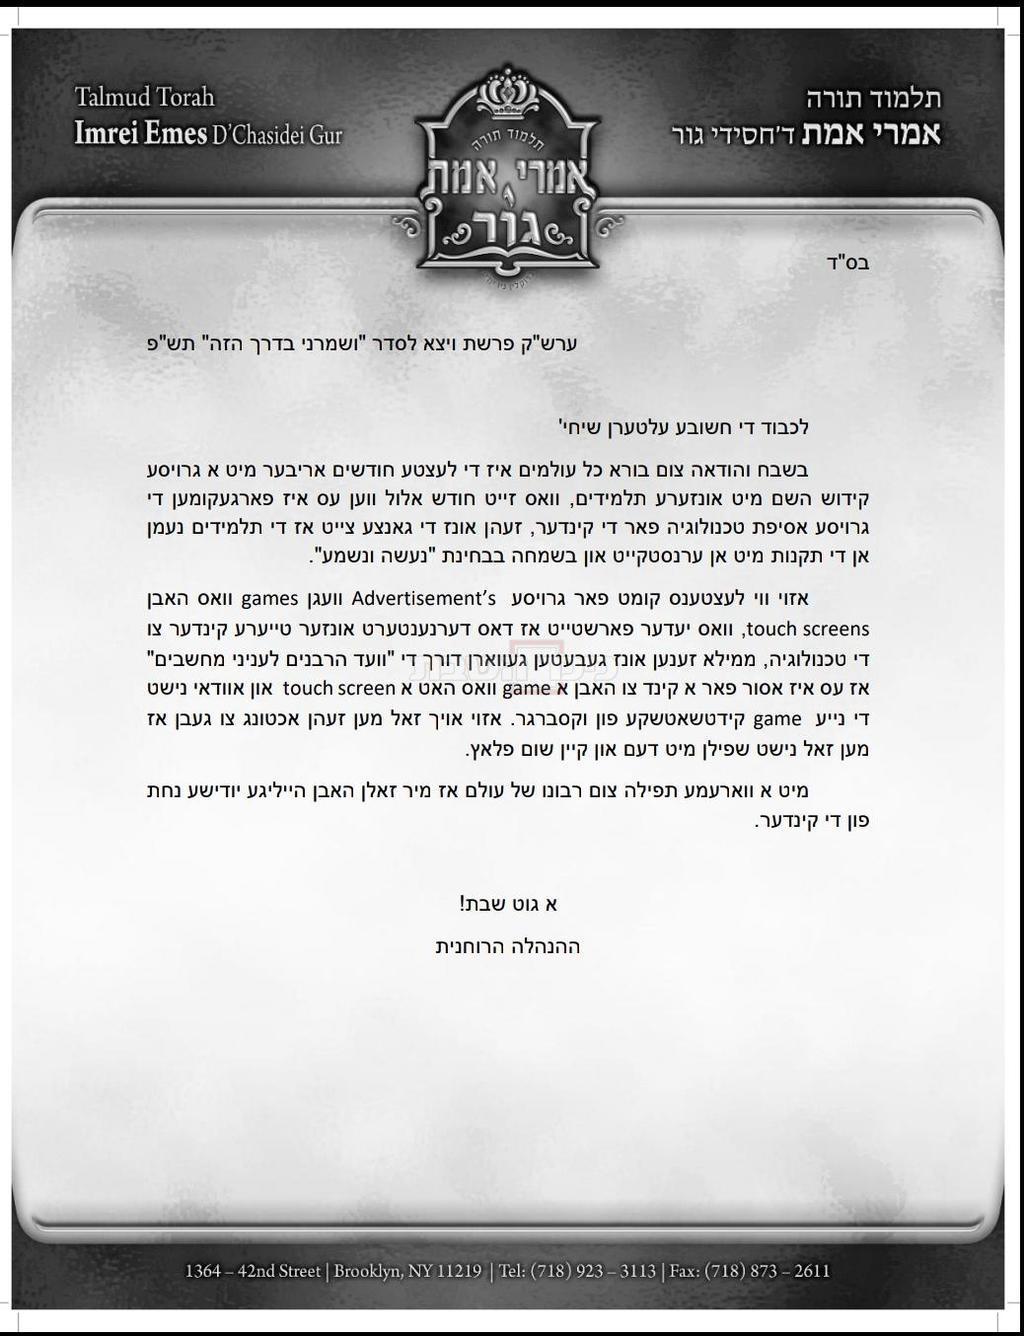 המכתב שנשלח להורים בתלמוד תורה גור בארה''ב